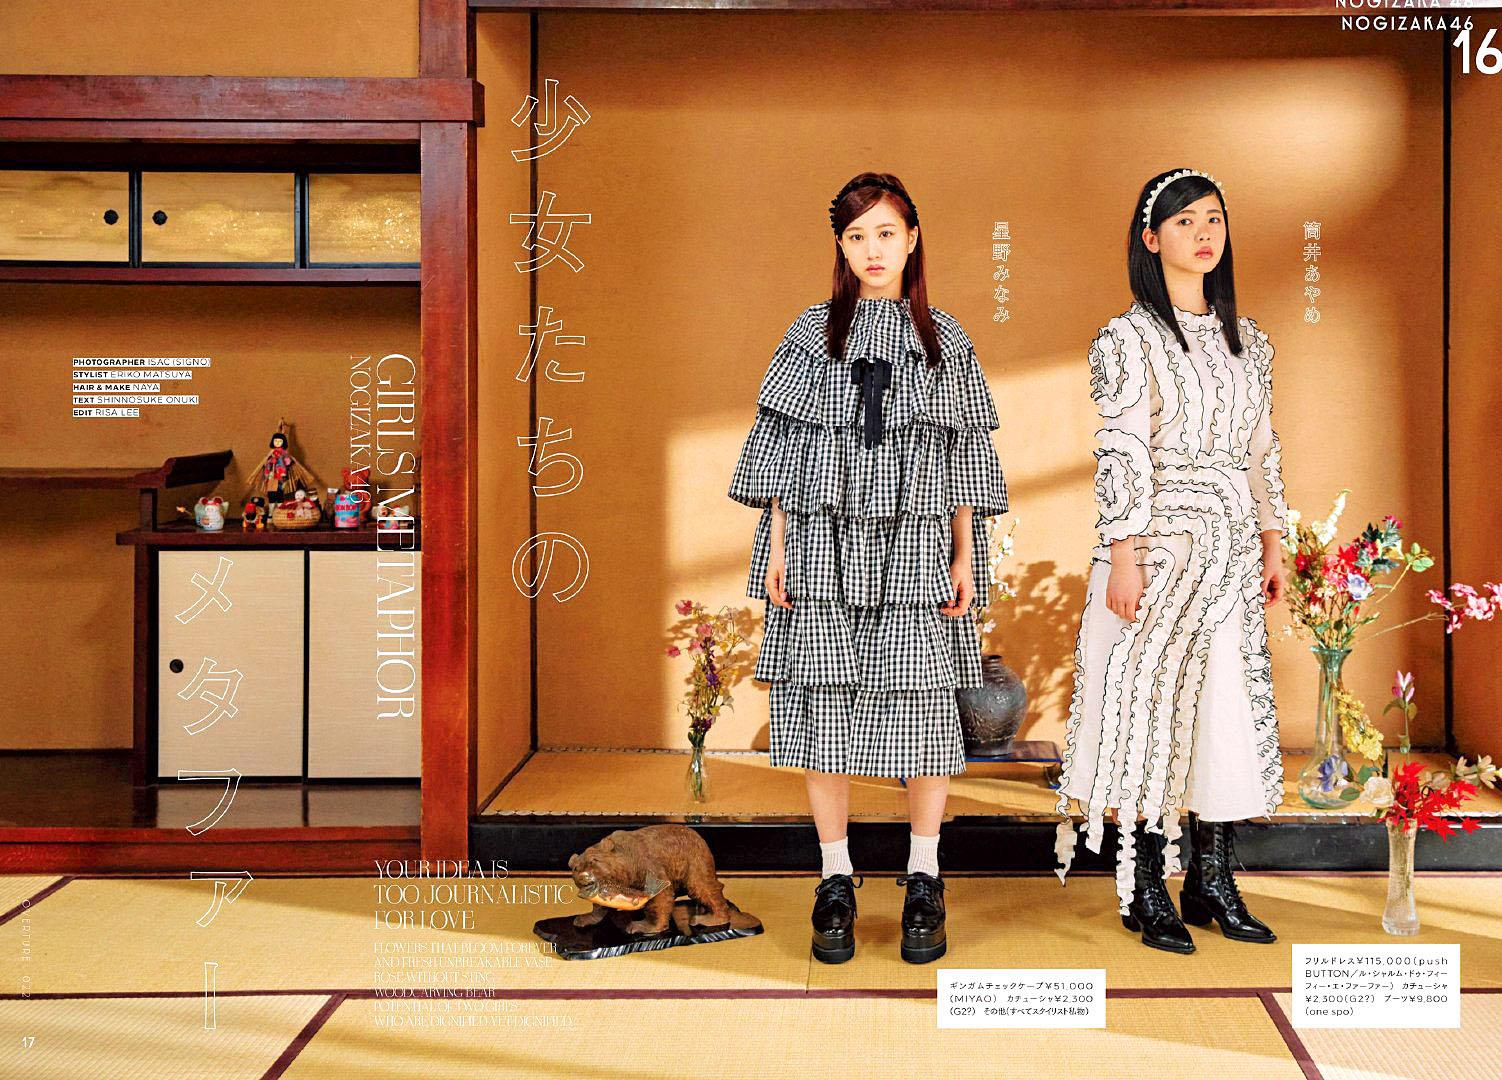 MHoshino  Tsutsui Ayame Overture 20 22 01.jpg